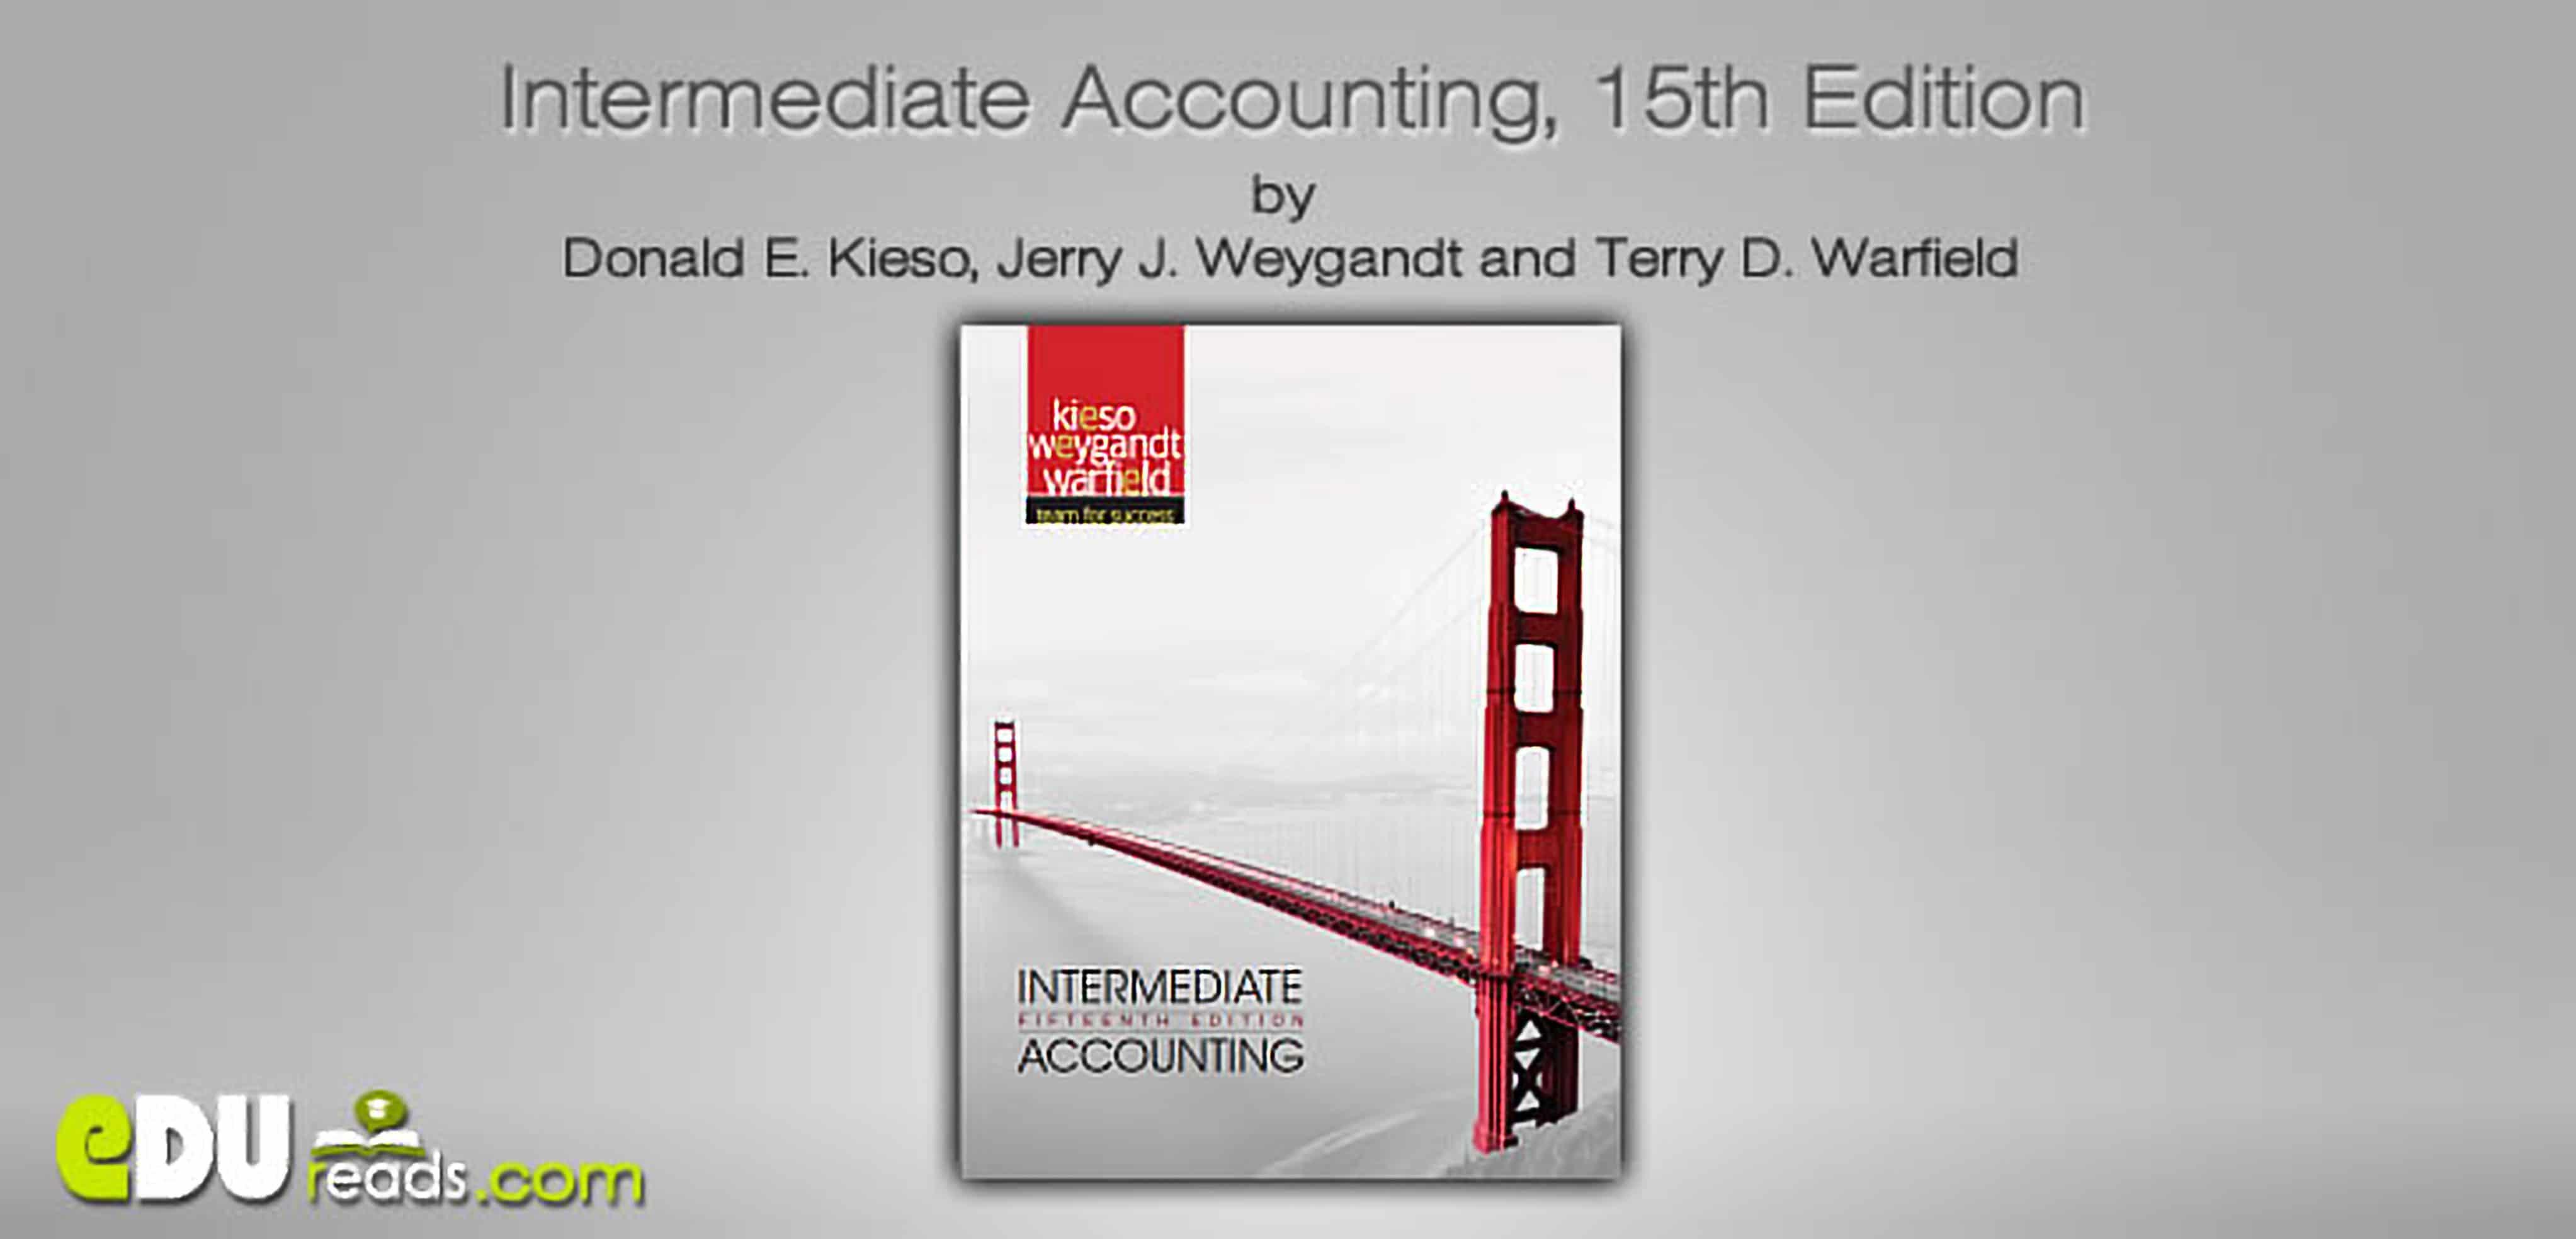 كتاب المحاسبة المتوسطة كتاب رائع لكيسو يتناول المحاسبة المتوسطة بشكل رائع ويعتبر المرجع الأول في المحاسبة المتوسطة ويصنفه البعض كأفضل كتب المحاسبة المتوسطة